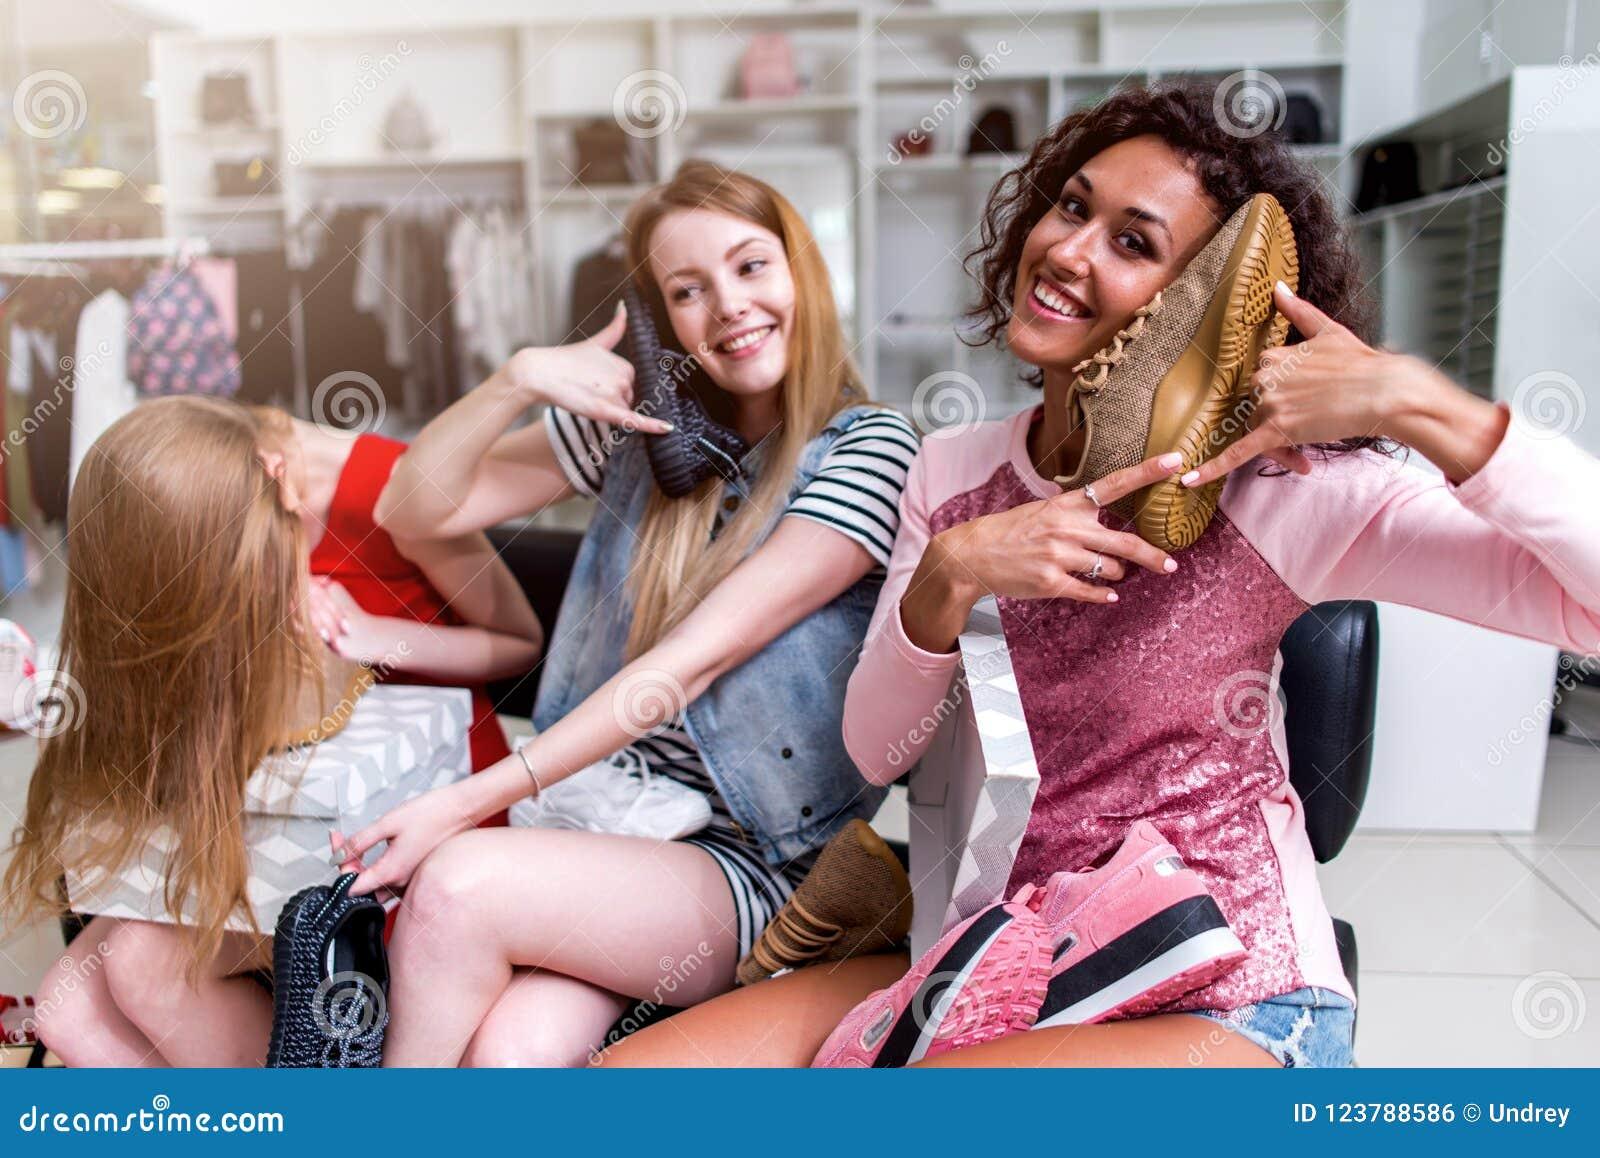 Χαμογελώντας νέες γυναίκες που κάθονται σε ένα womenswear παιχνίδι καταστημάτων με τα νέα υποδήματα που χρησιμοποιούν τα παπούτσι